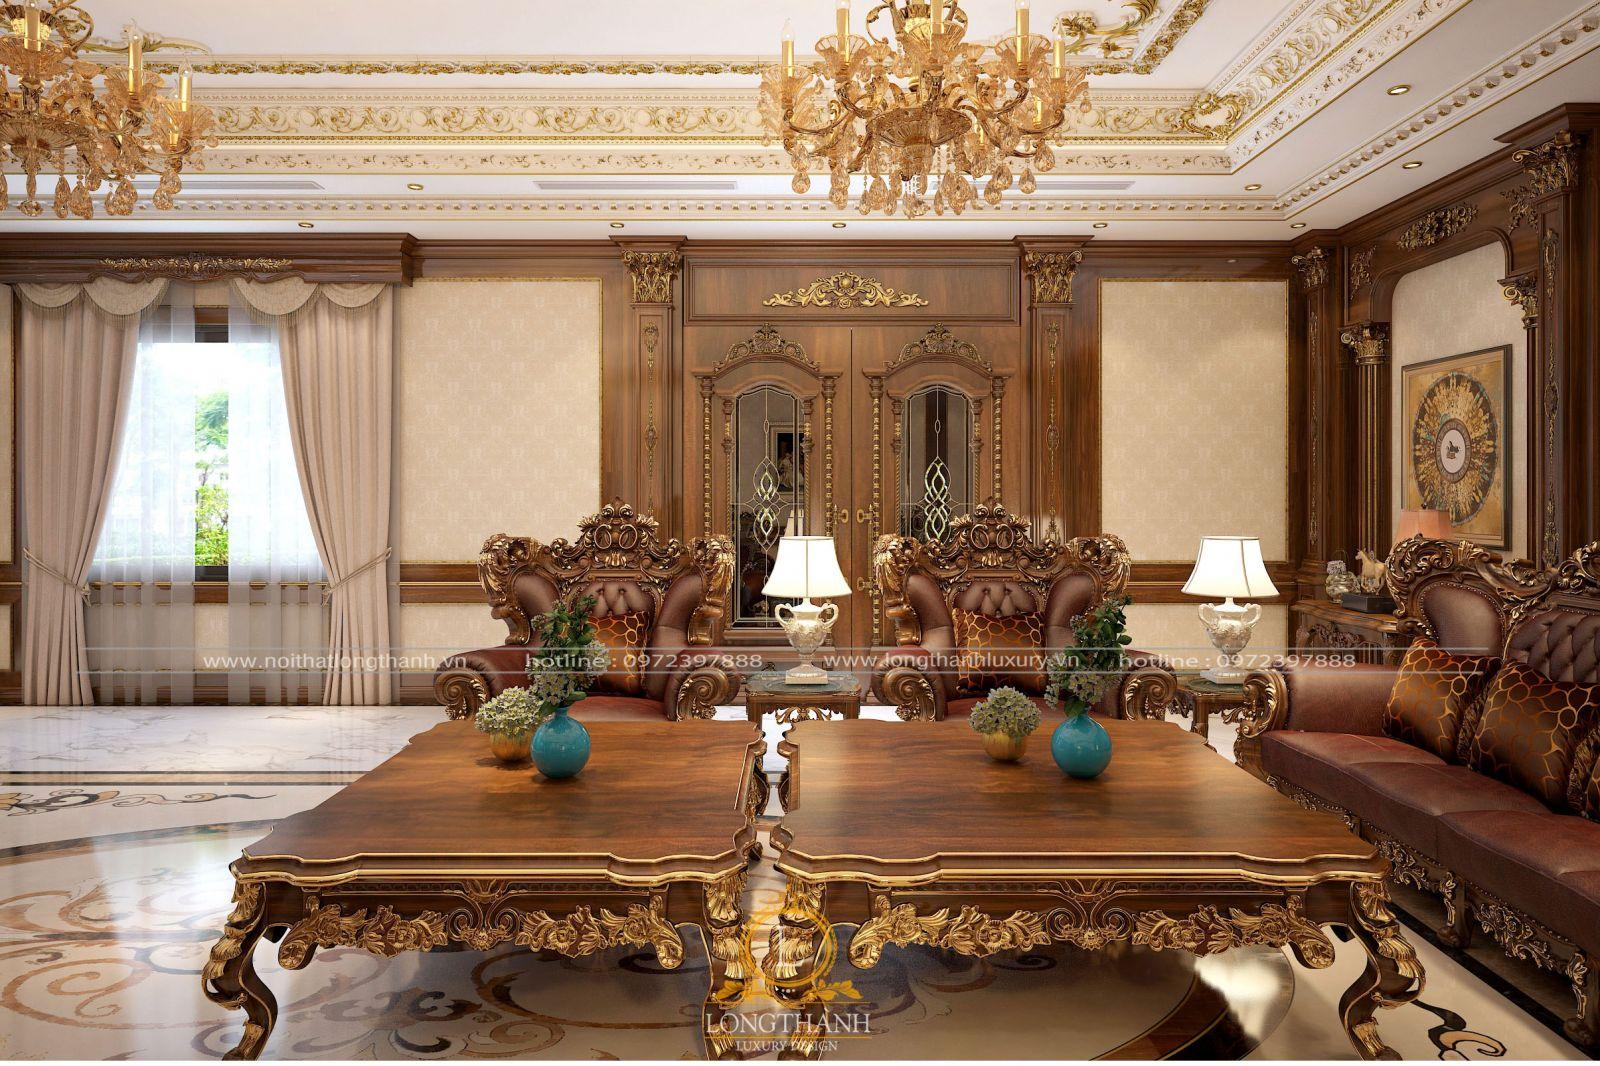 Chất liệu gỗ Gõ dát vàng bọc da bò tự nhiên làm phòng khách trở nên sang trọng hơn